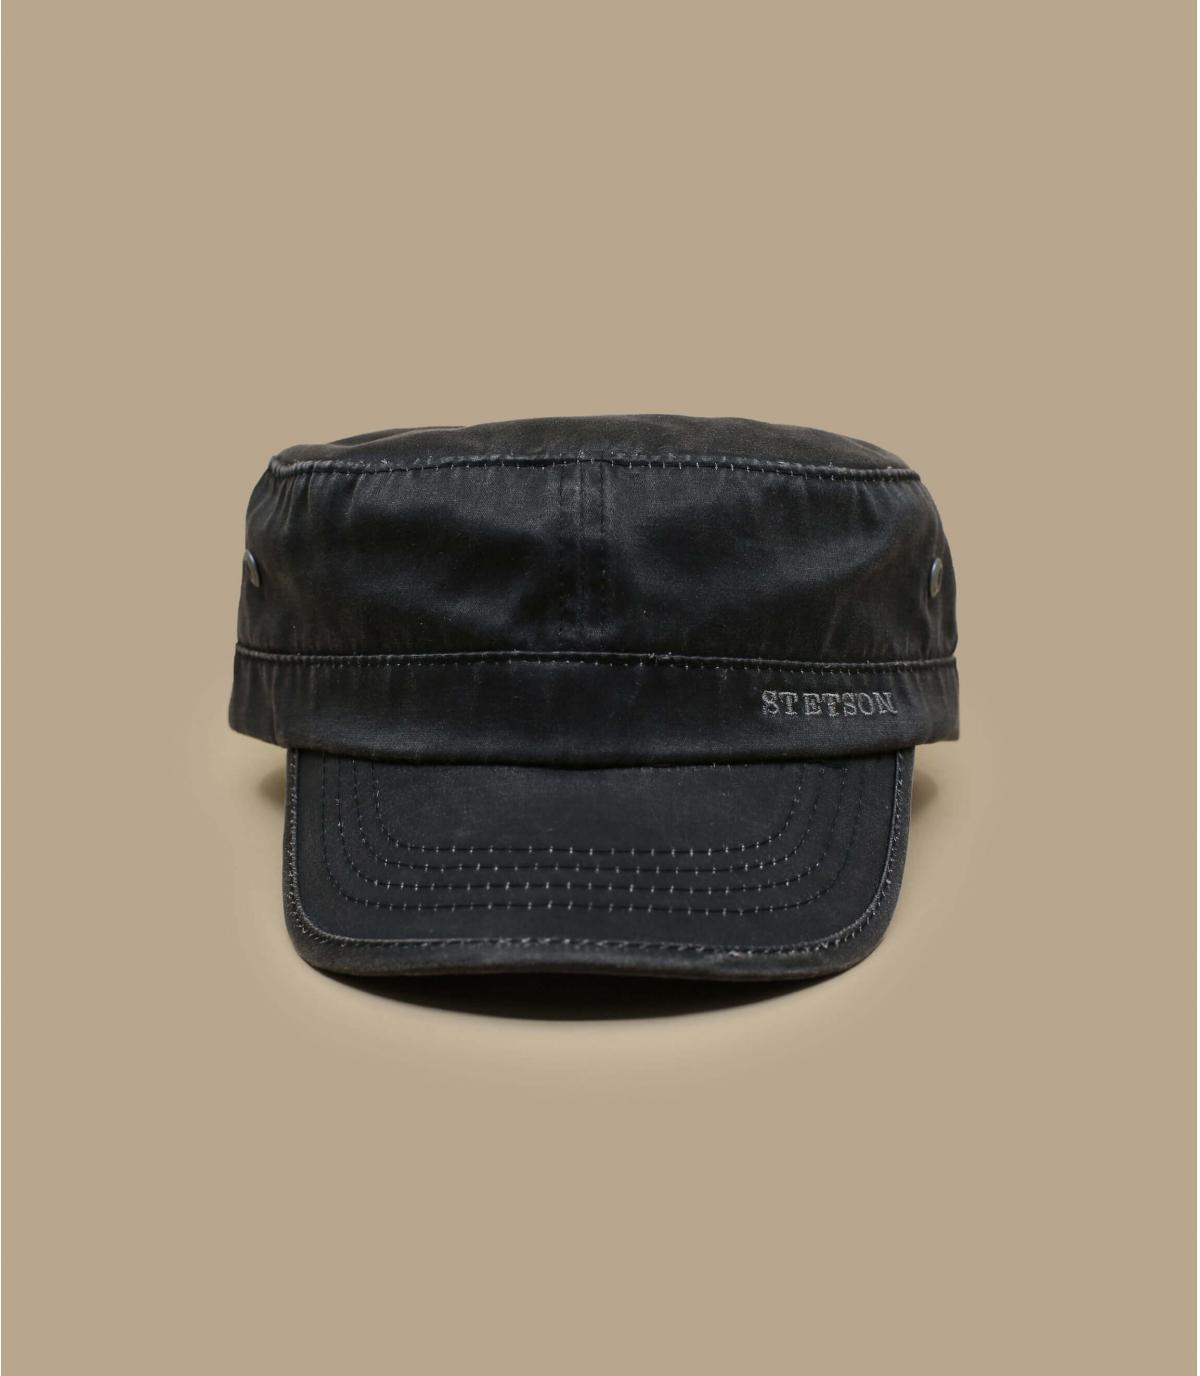 c5995744ef391 Gorra Stetson negro. Detalles Datto negro poly coton imagen 2 ...